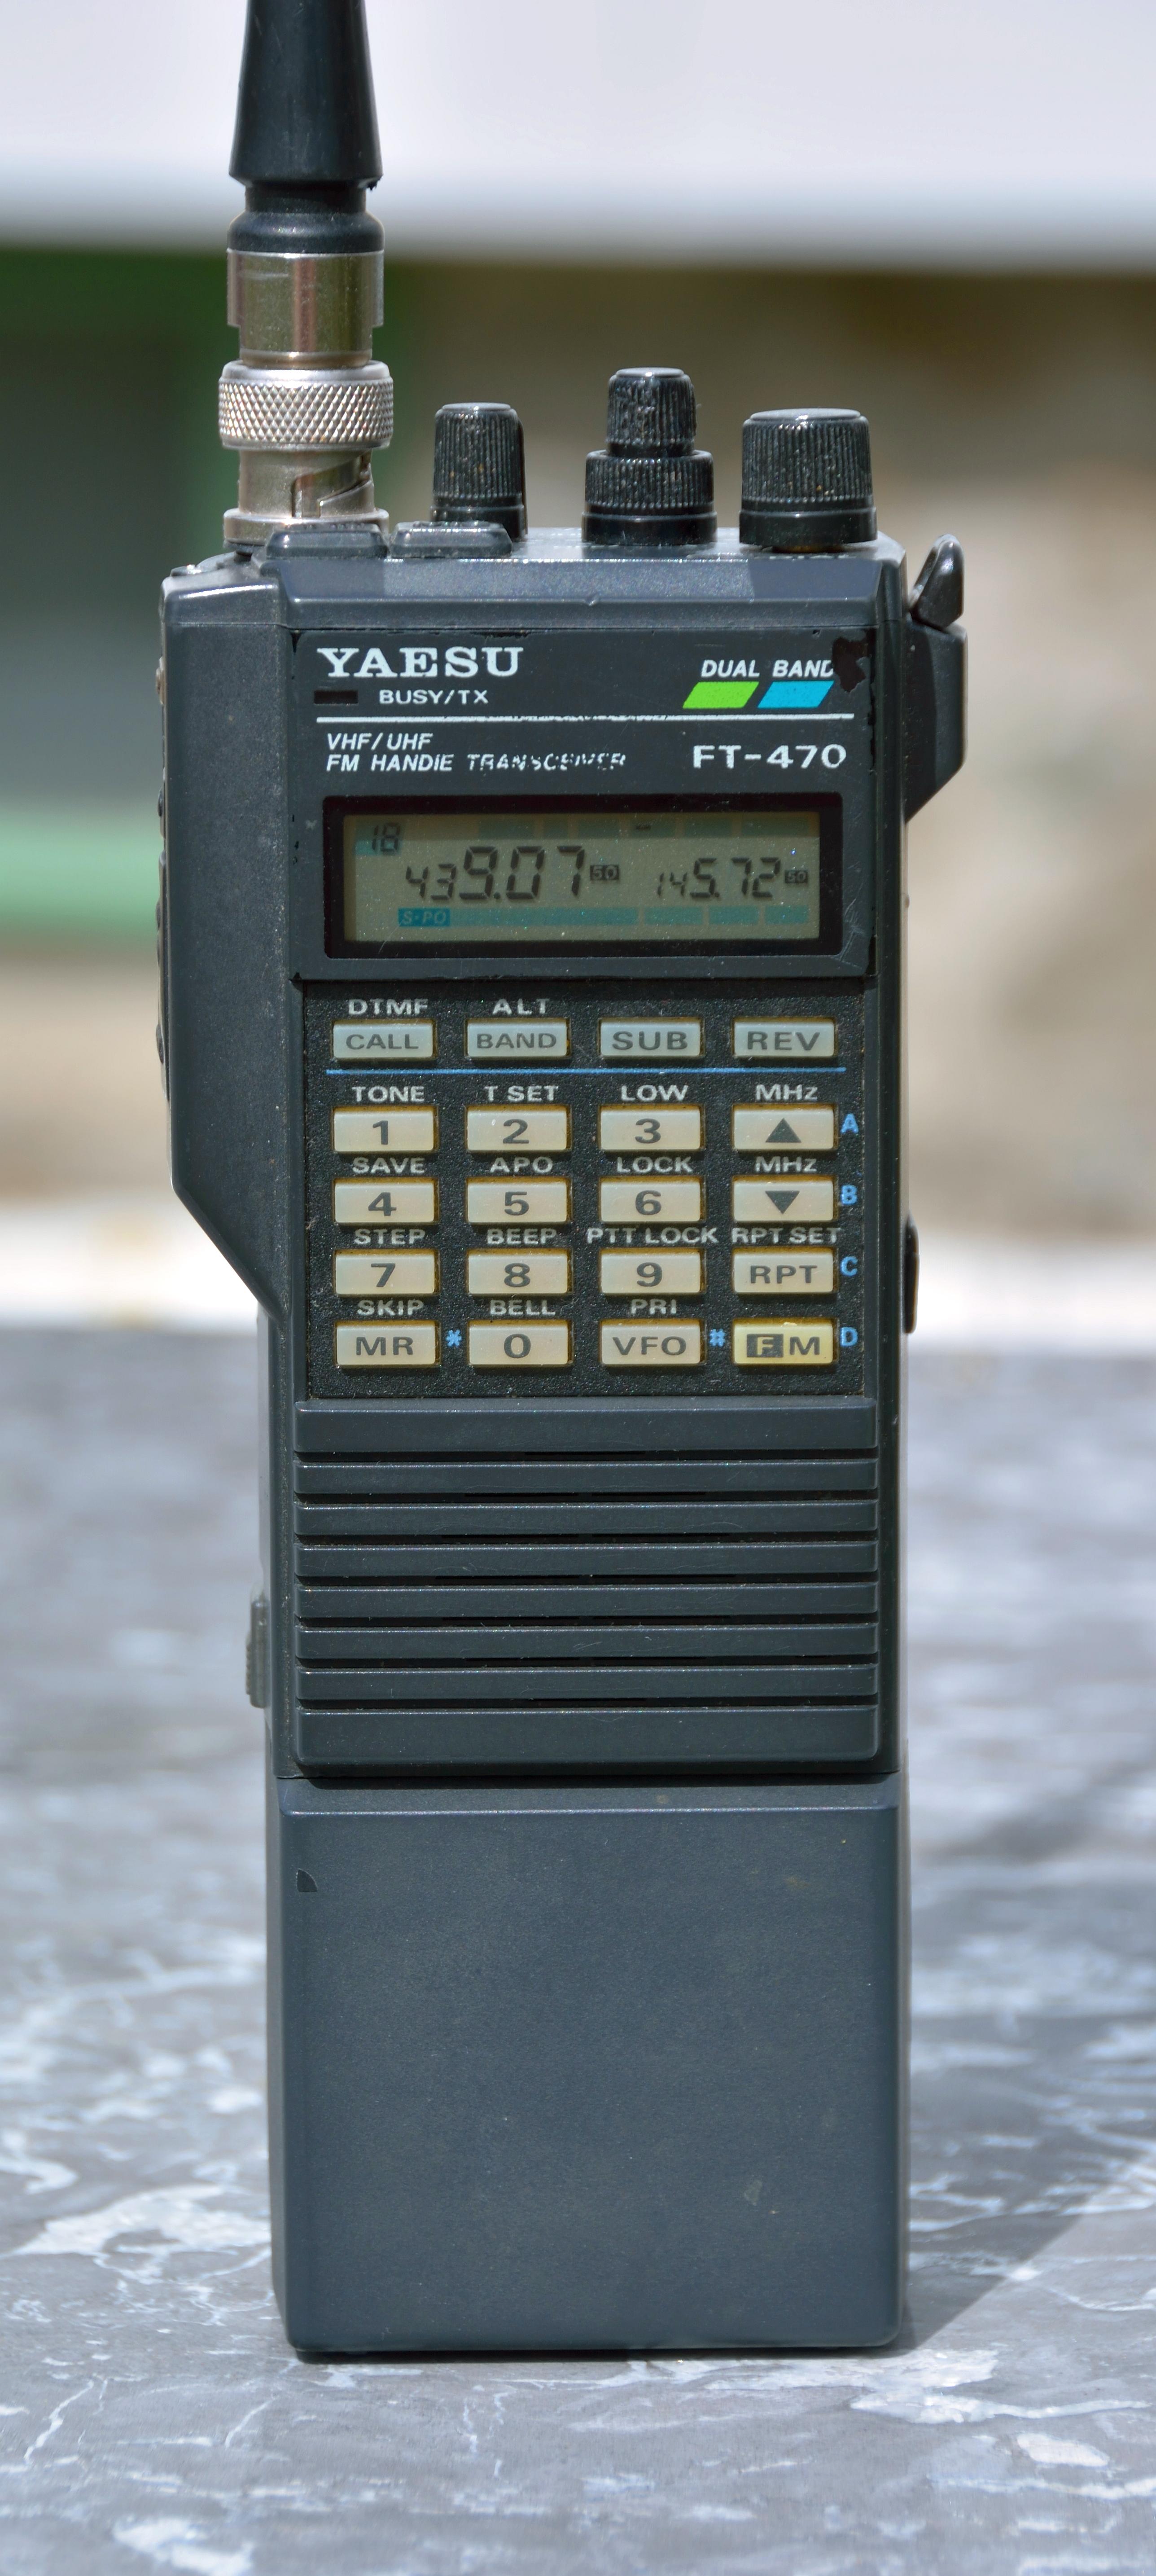 file yaesu ft 470 dualband ham radio transceiver jpg wikimedia commons